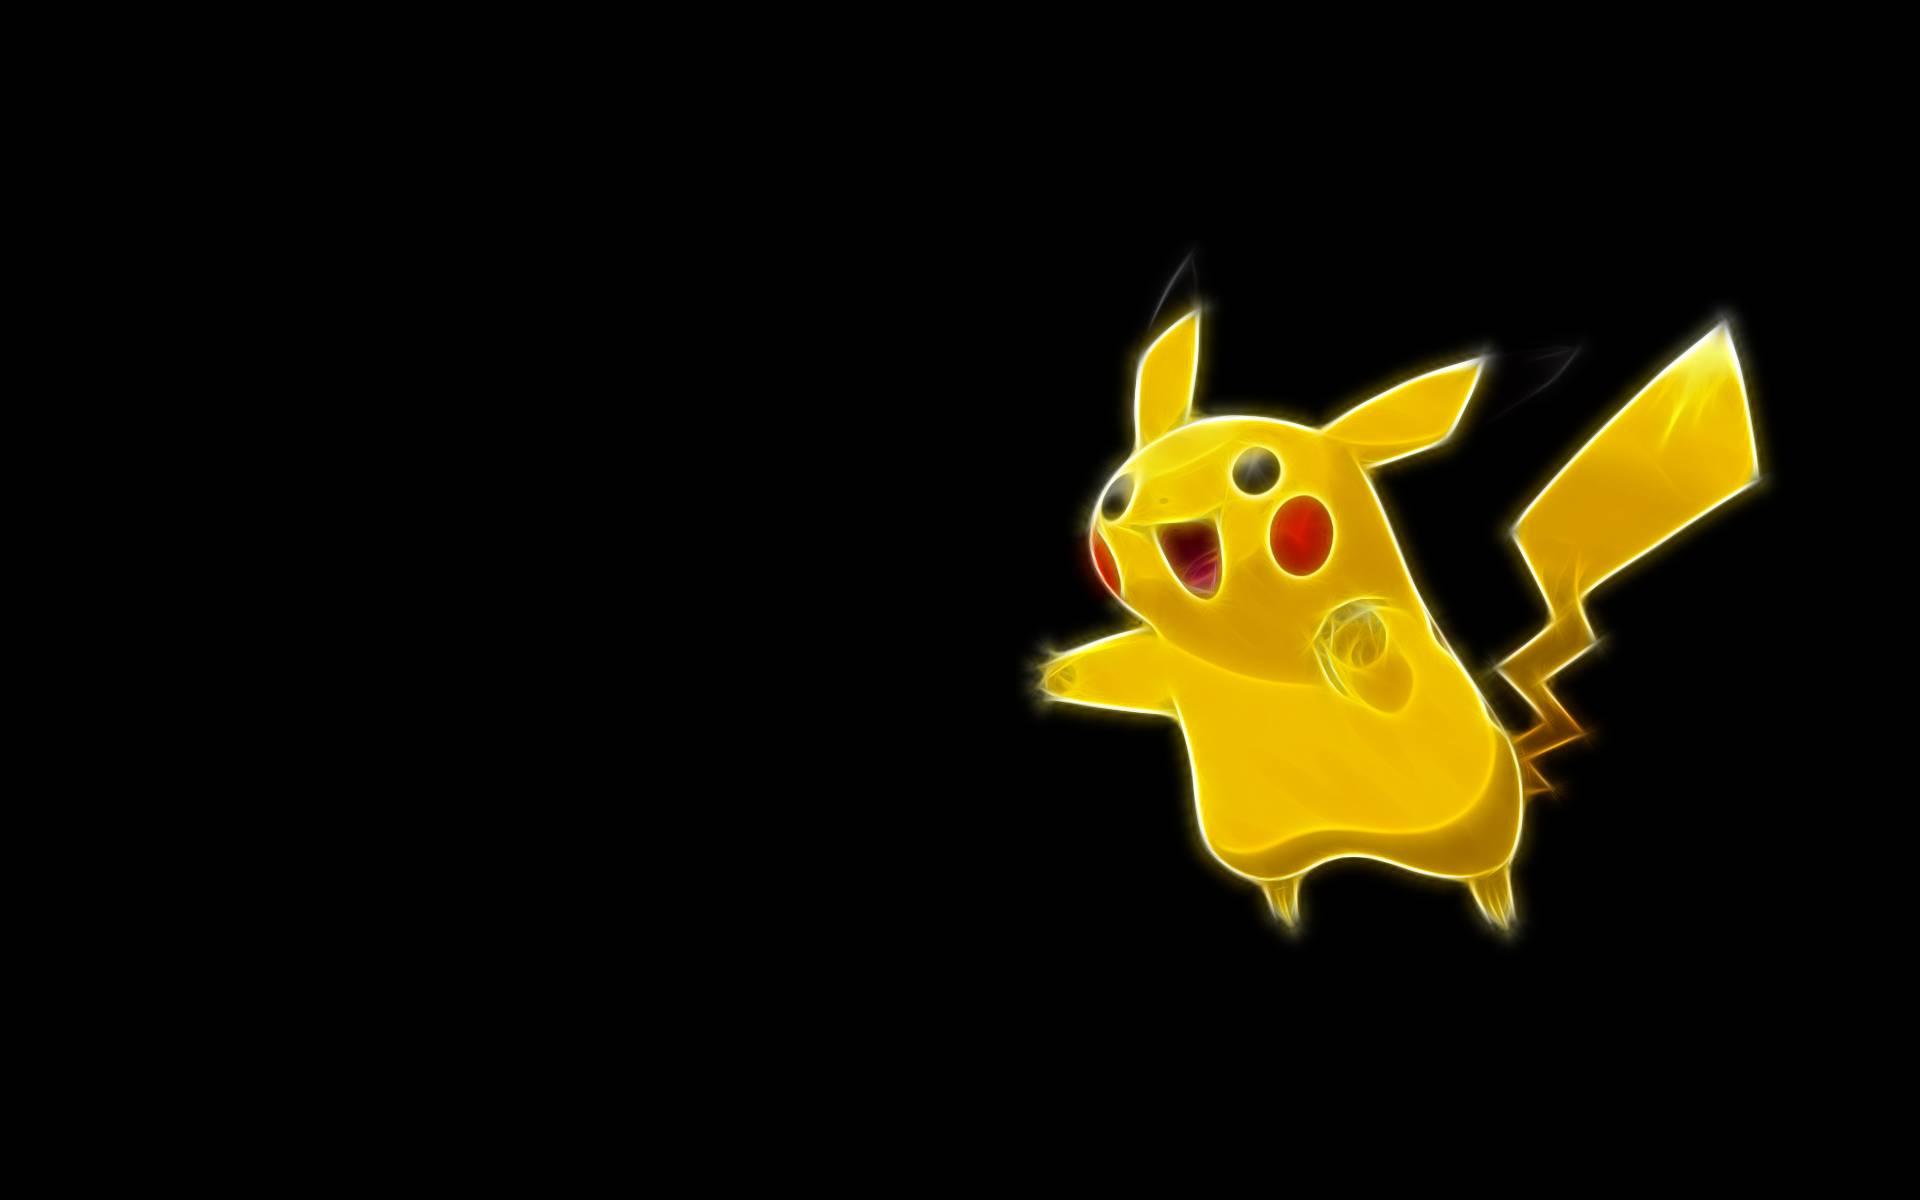 96278 pokemon pikachu wallpaper 1920x1200 wallconvertcom 1920x1200